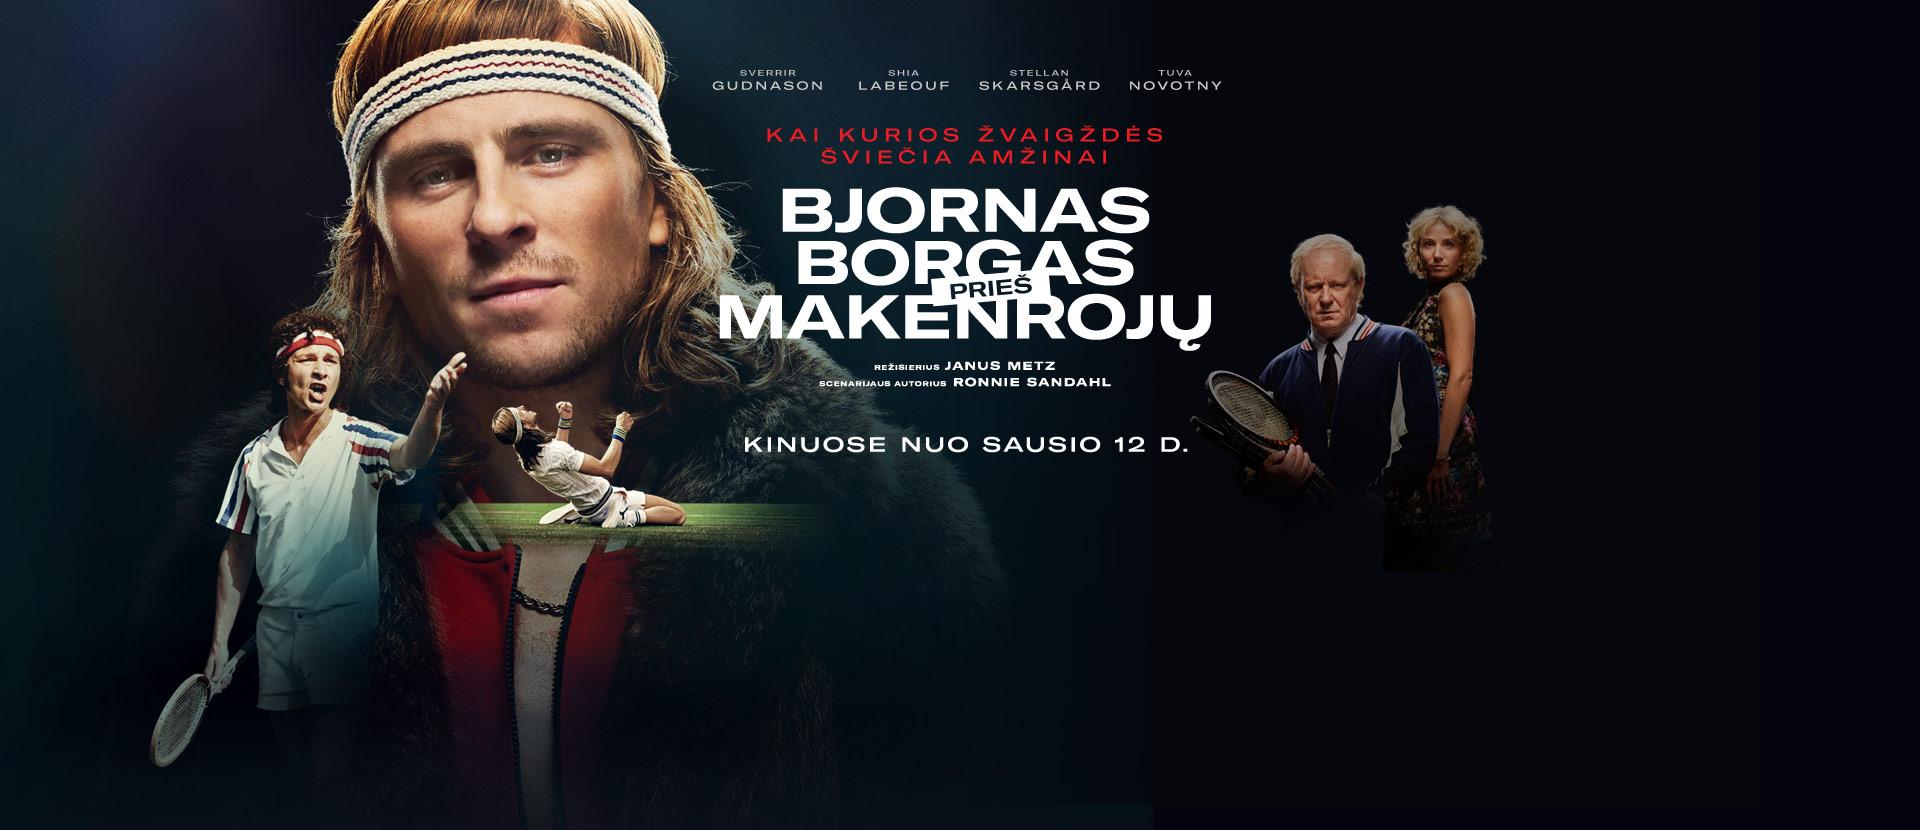 Bjornas Borgas prieš Makenrojų